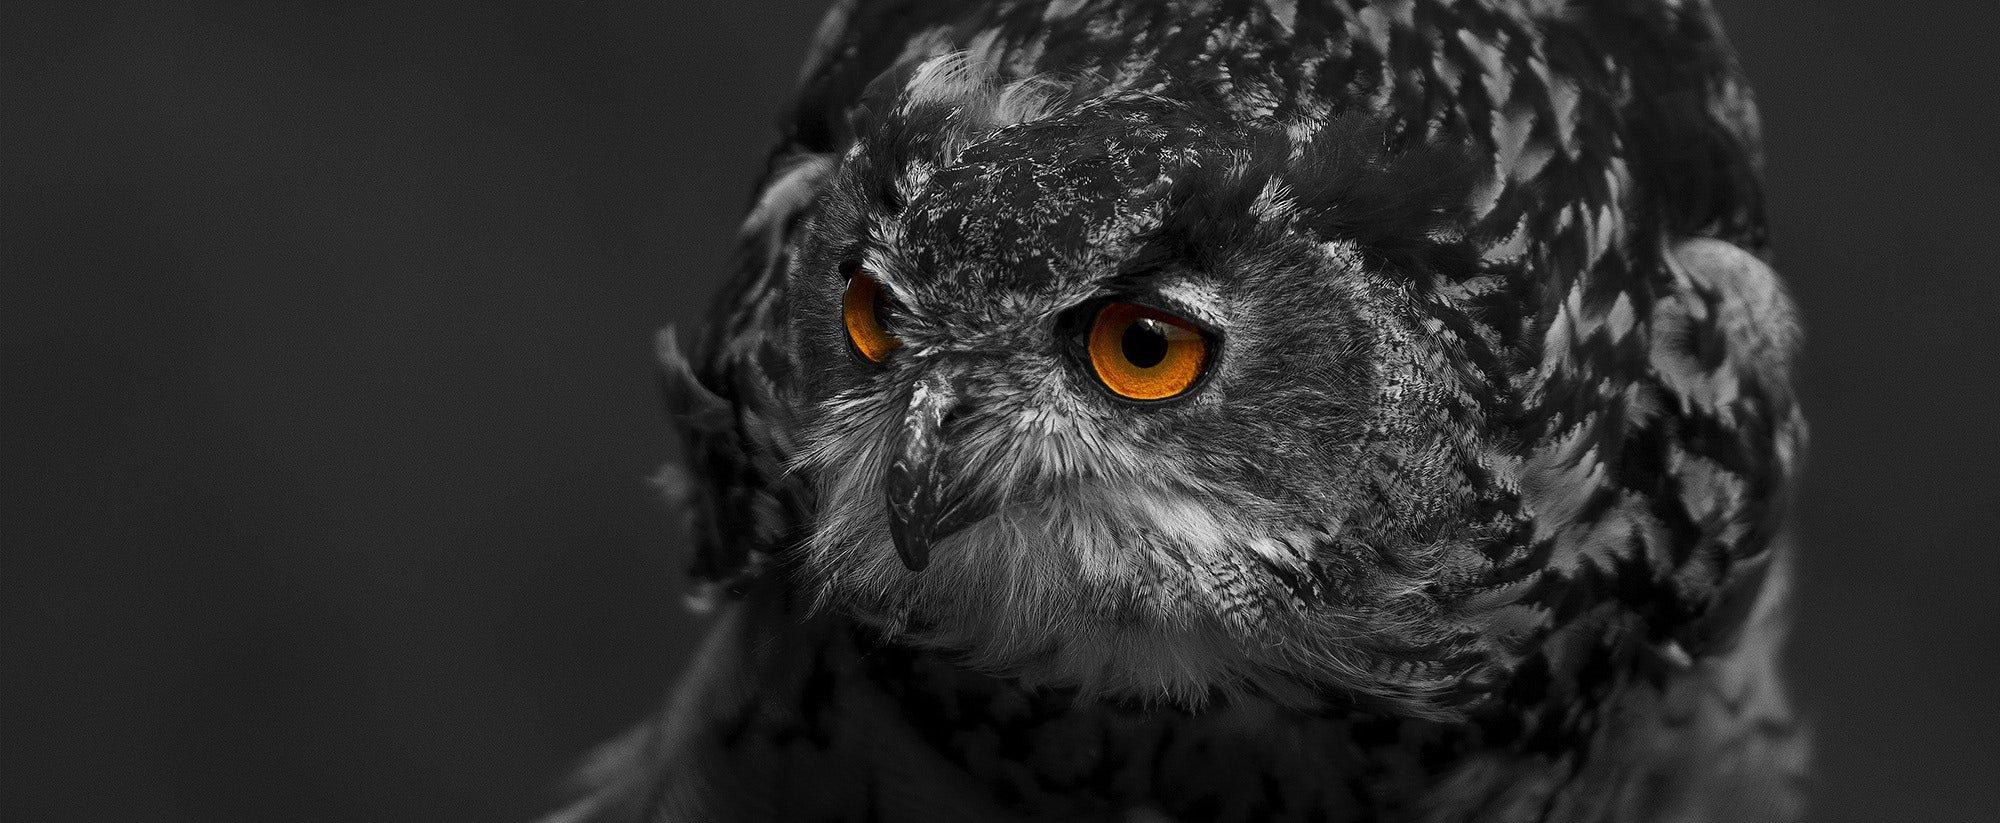 2bu Owl